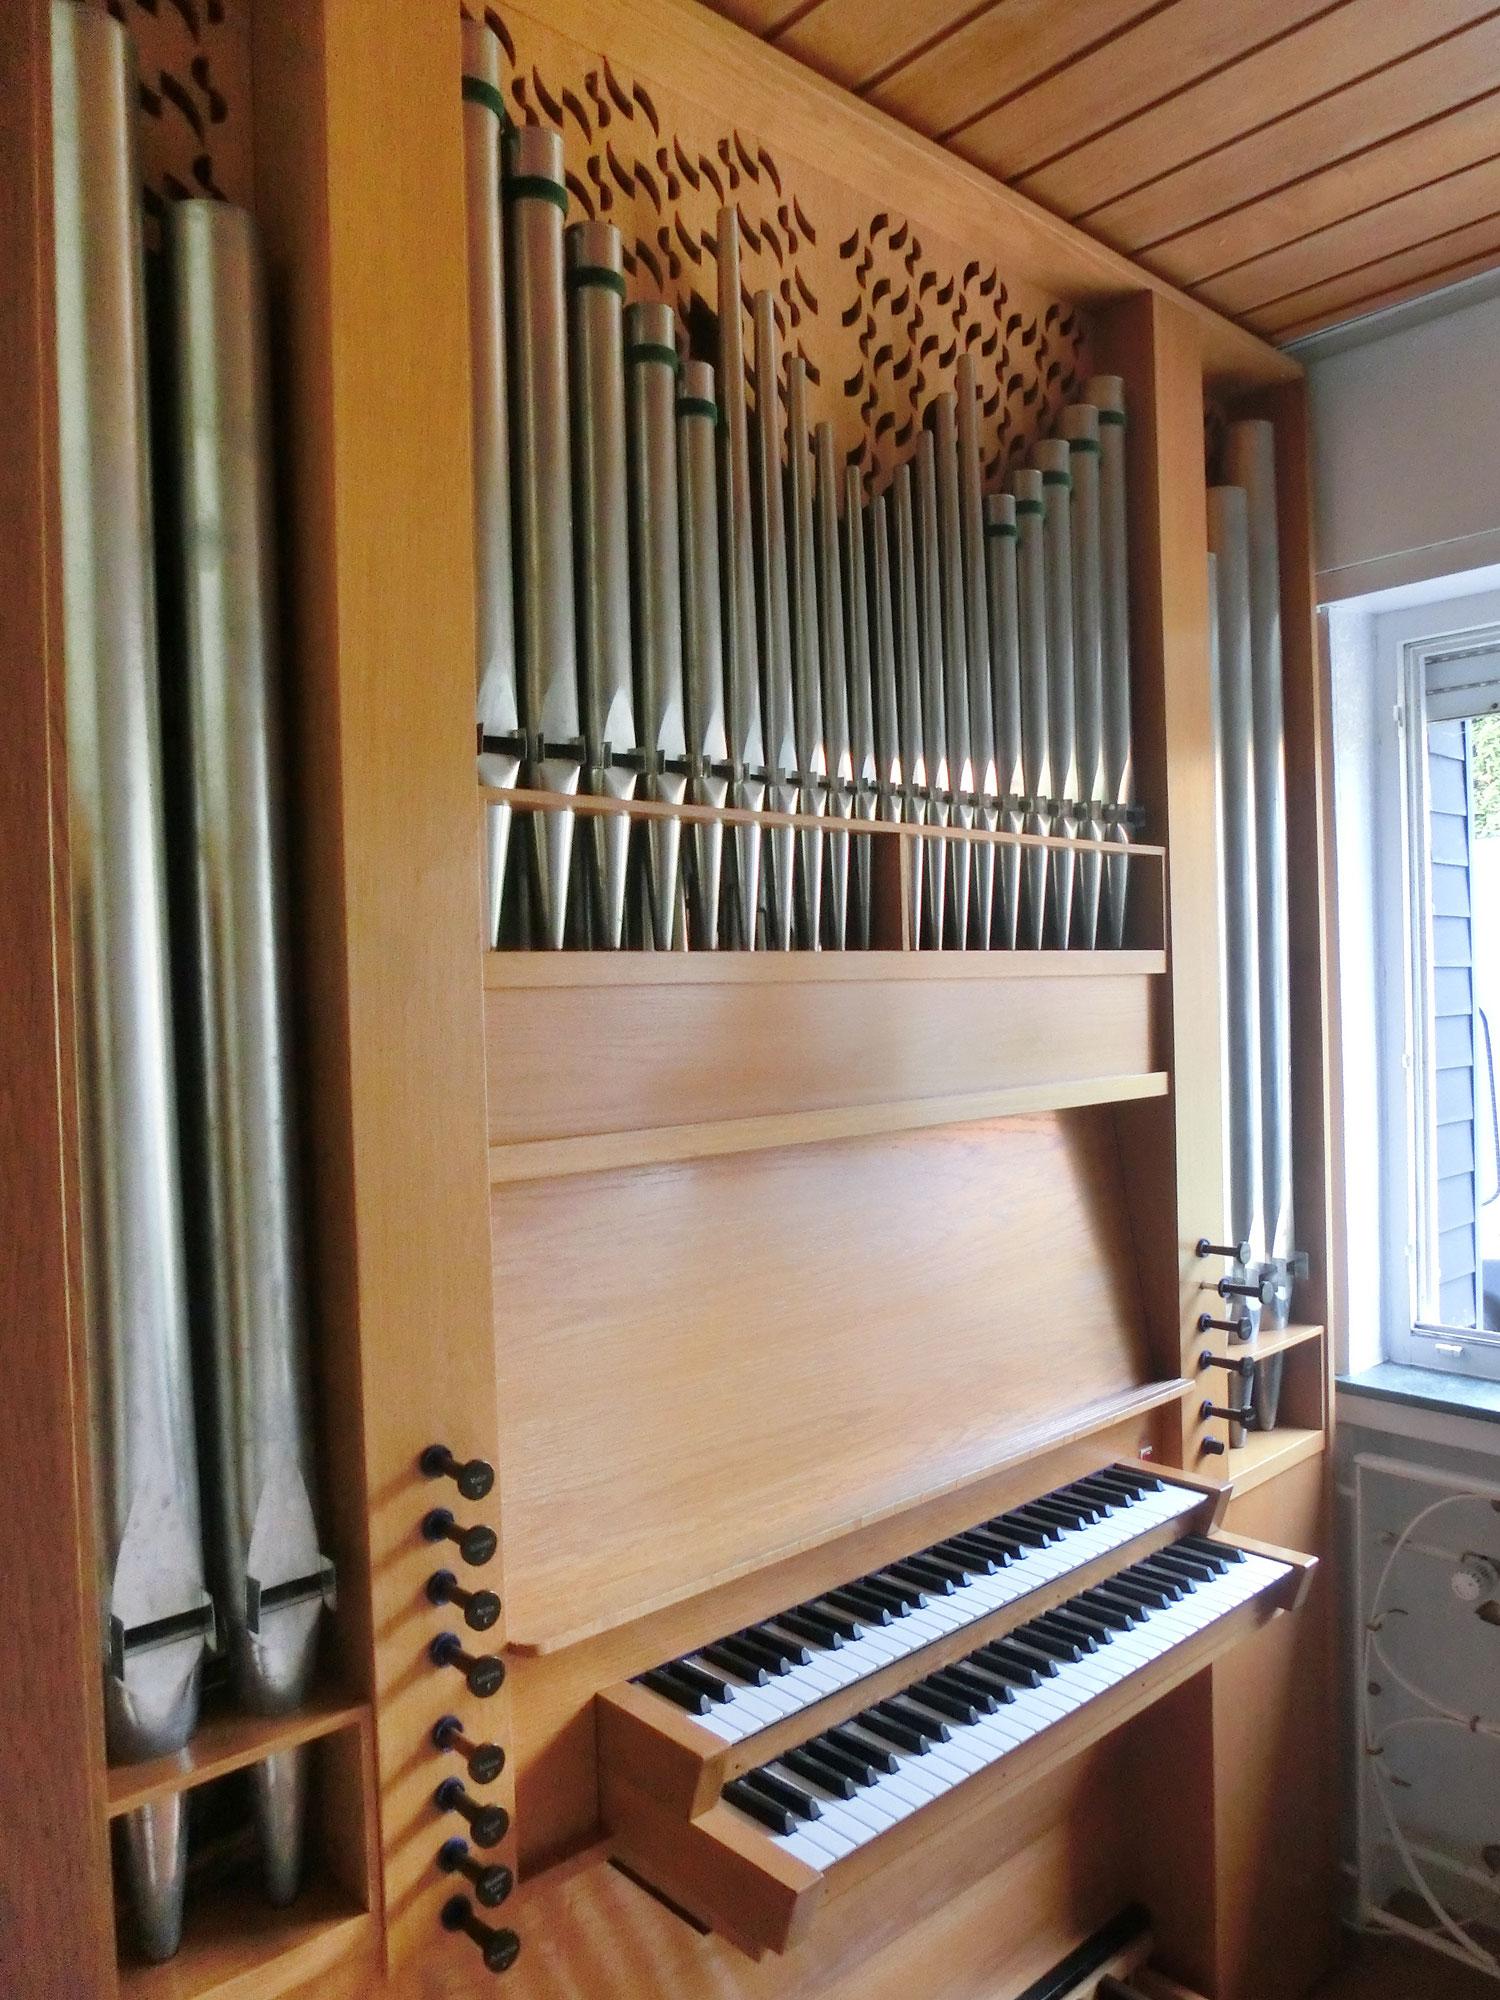 Hausorgel Angebote Orgelbau Sauer und Heinemann Gebrauchtorgeln